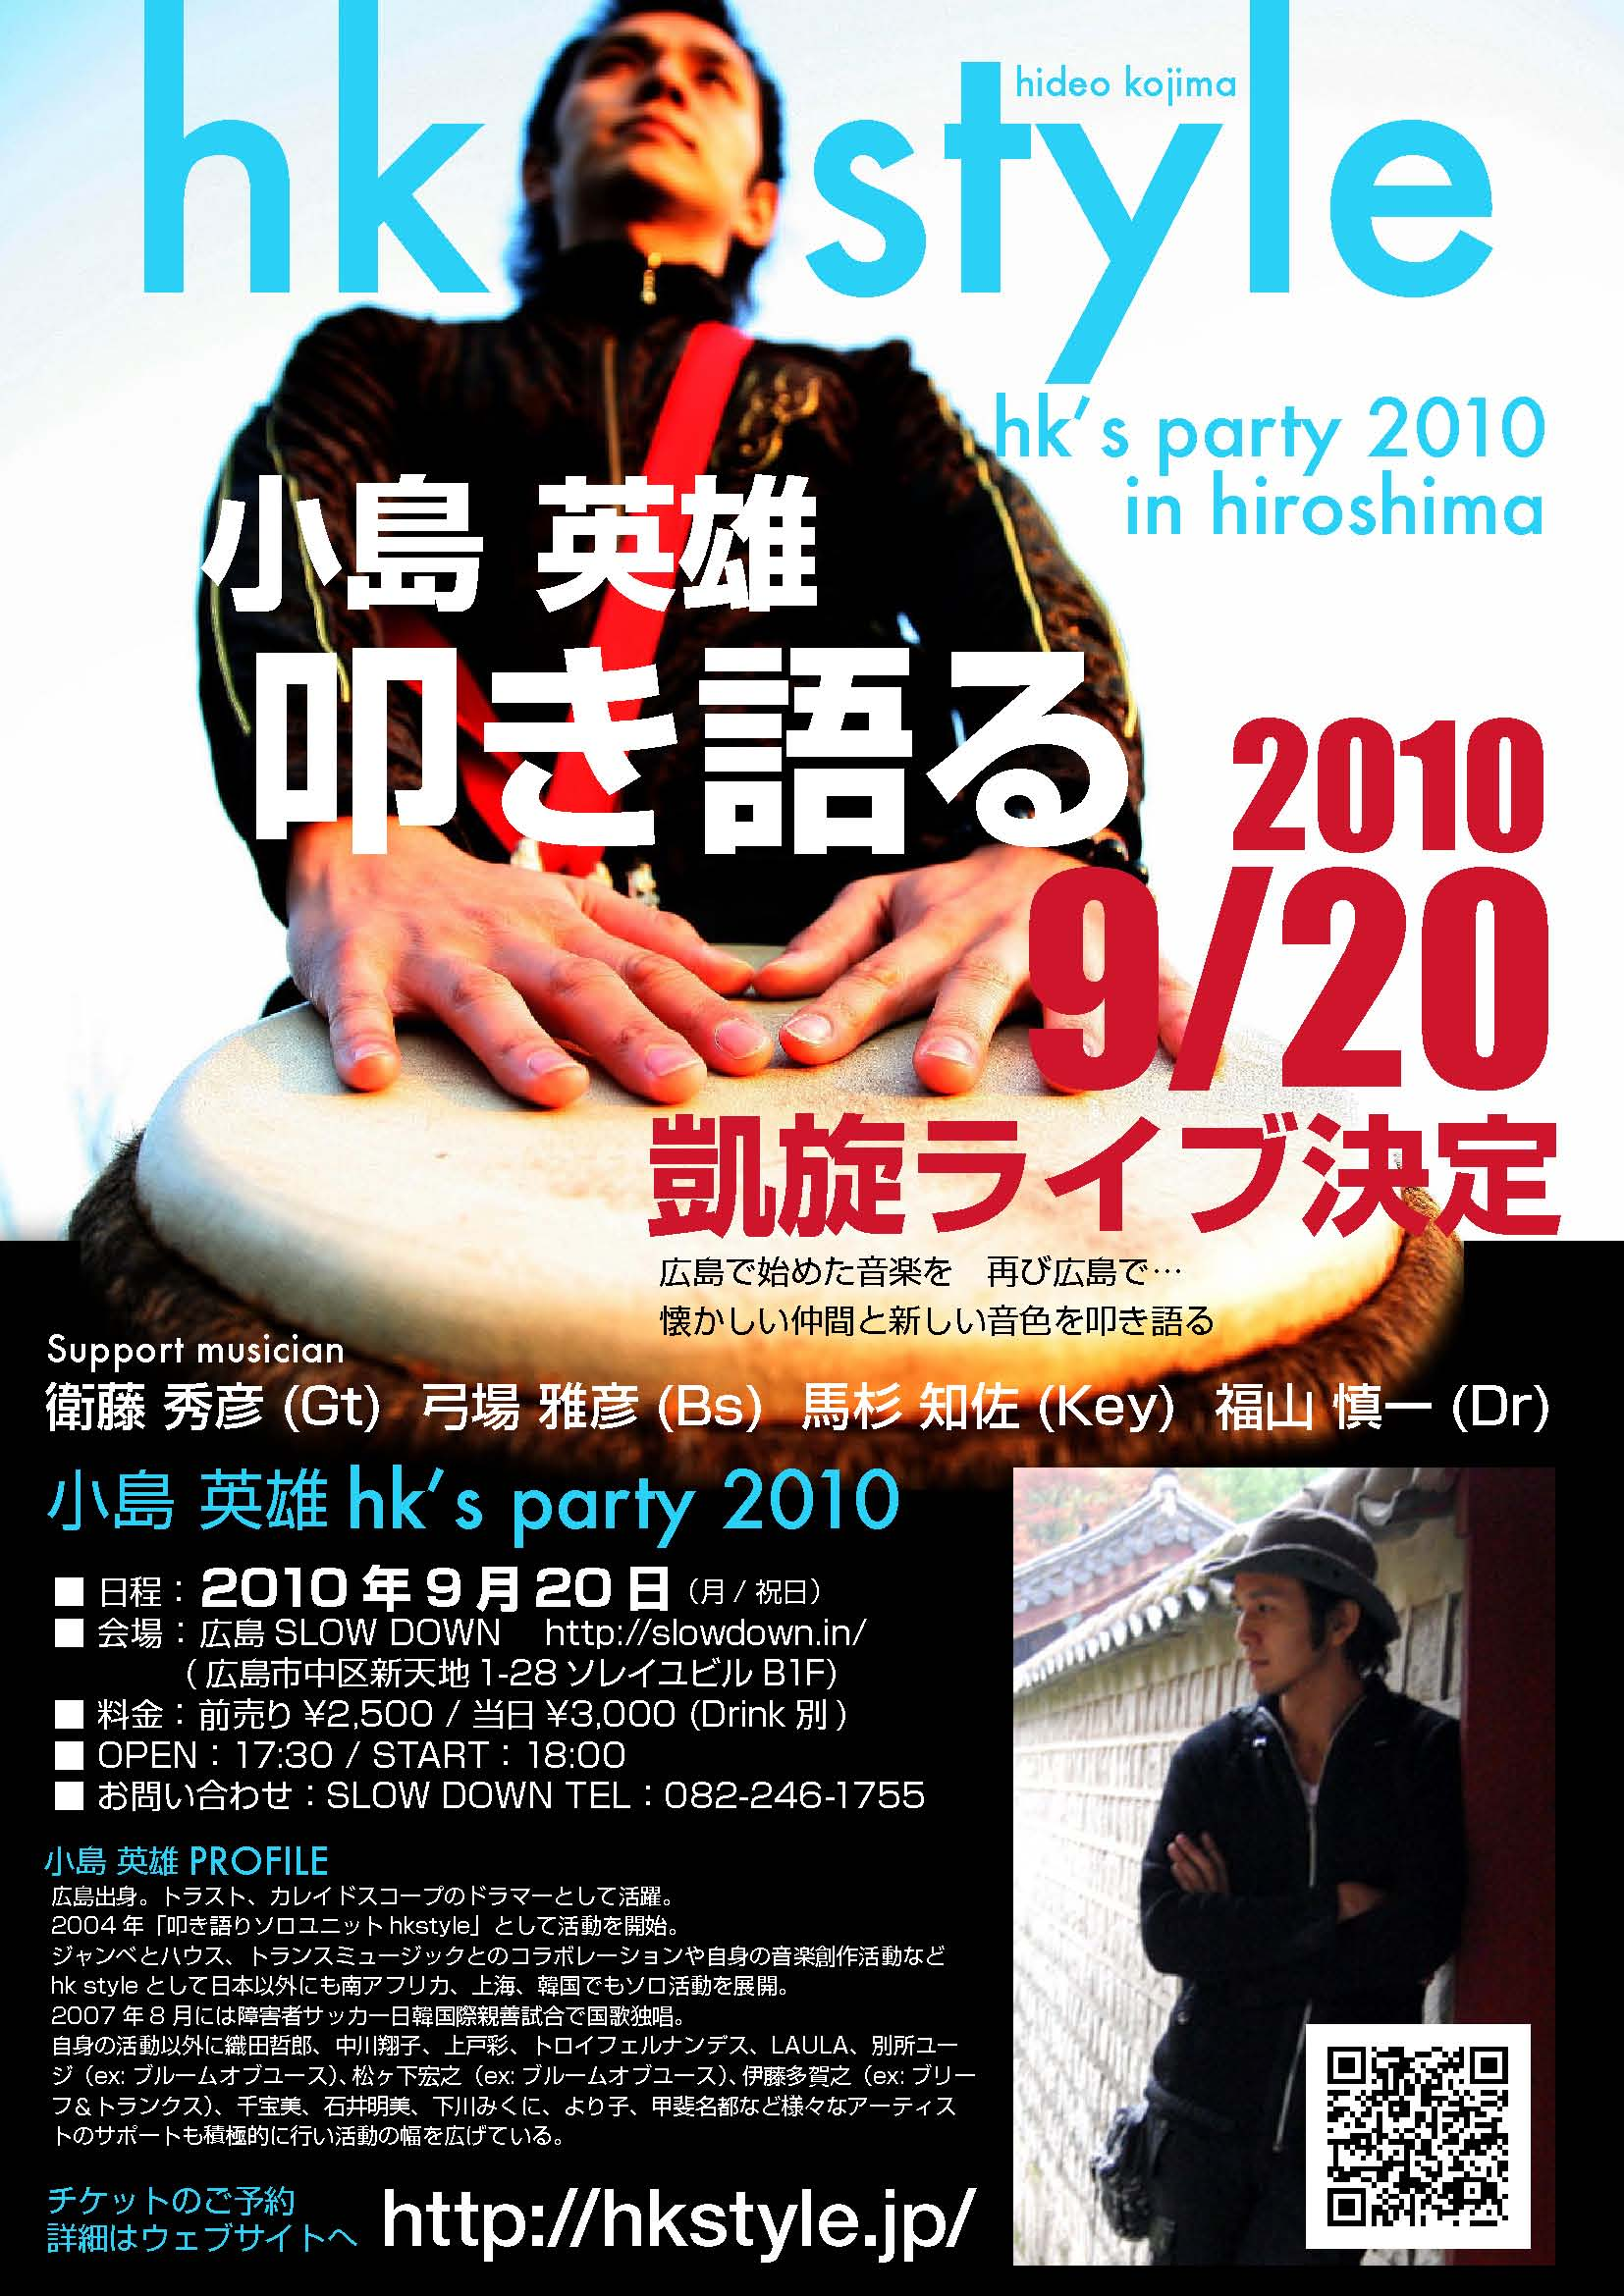 hks party